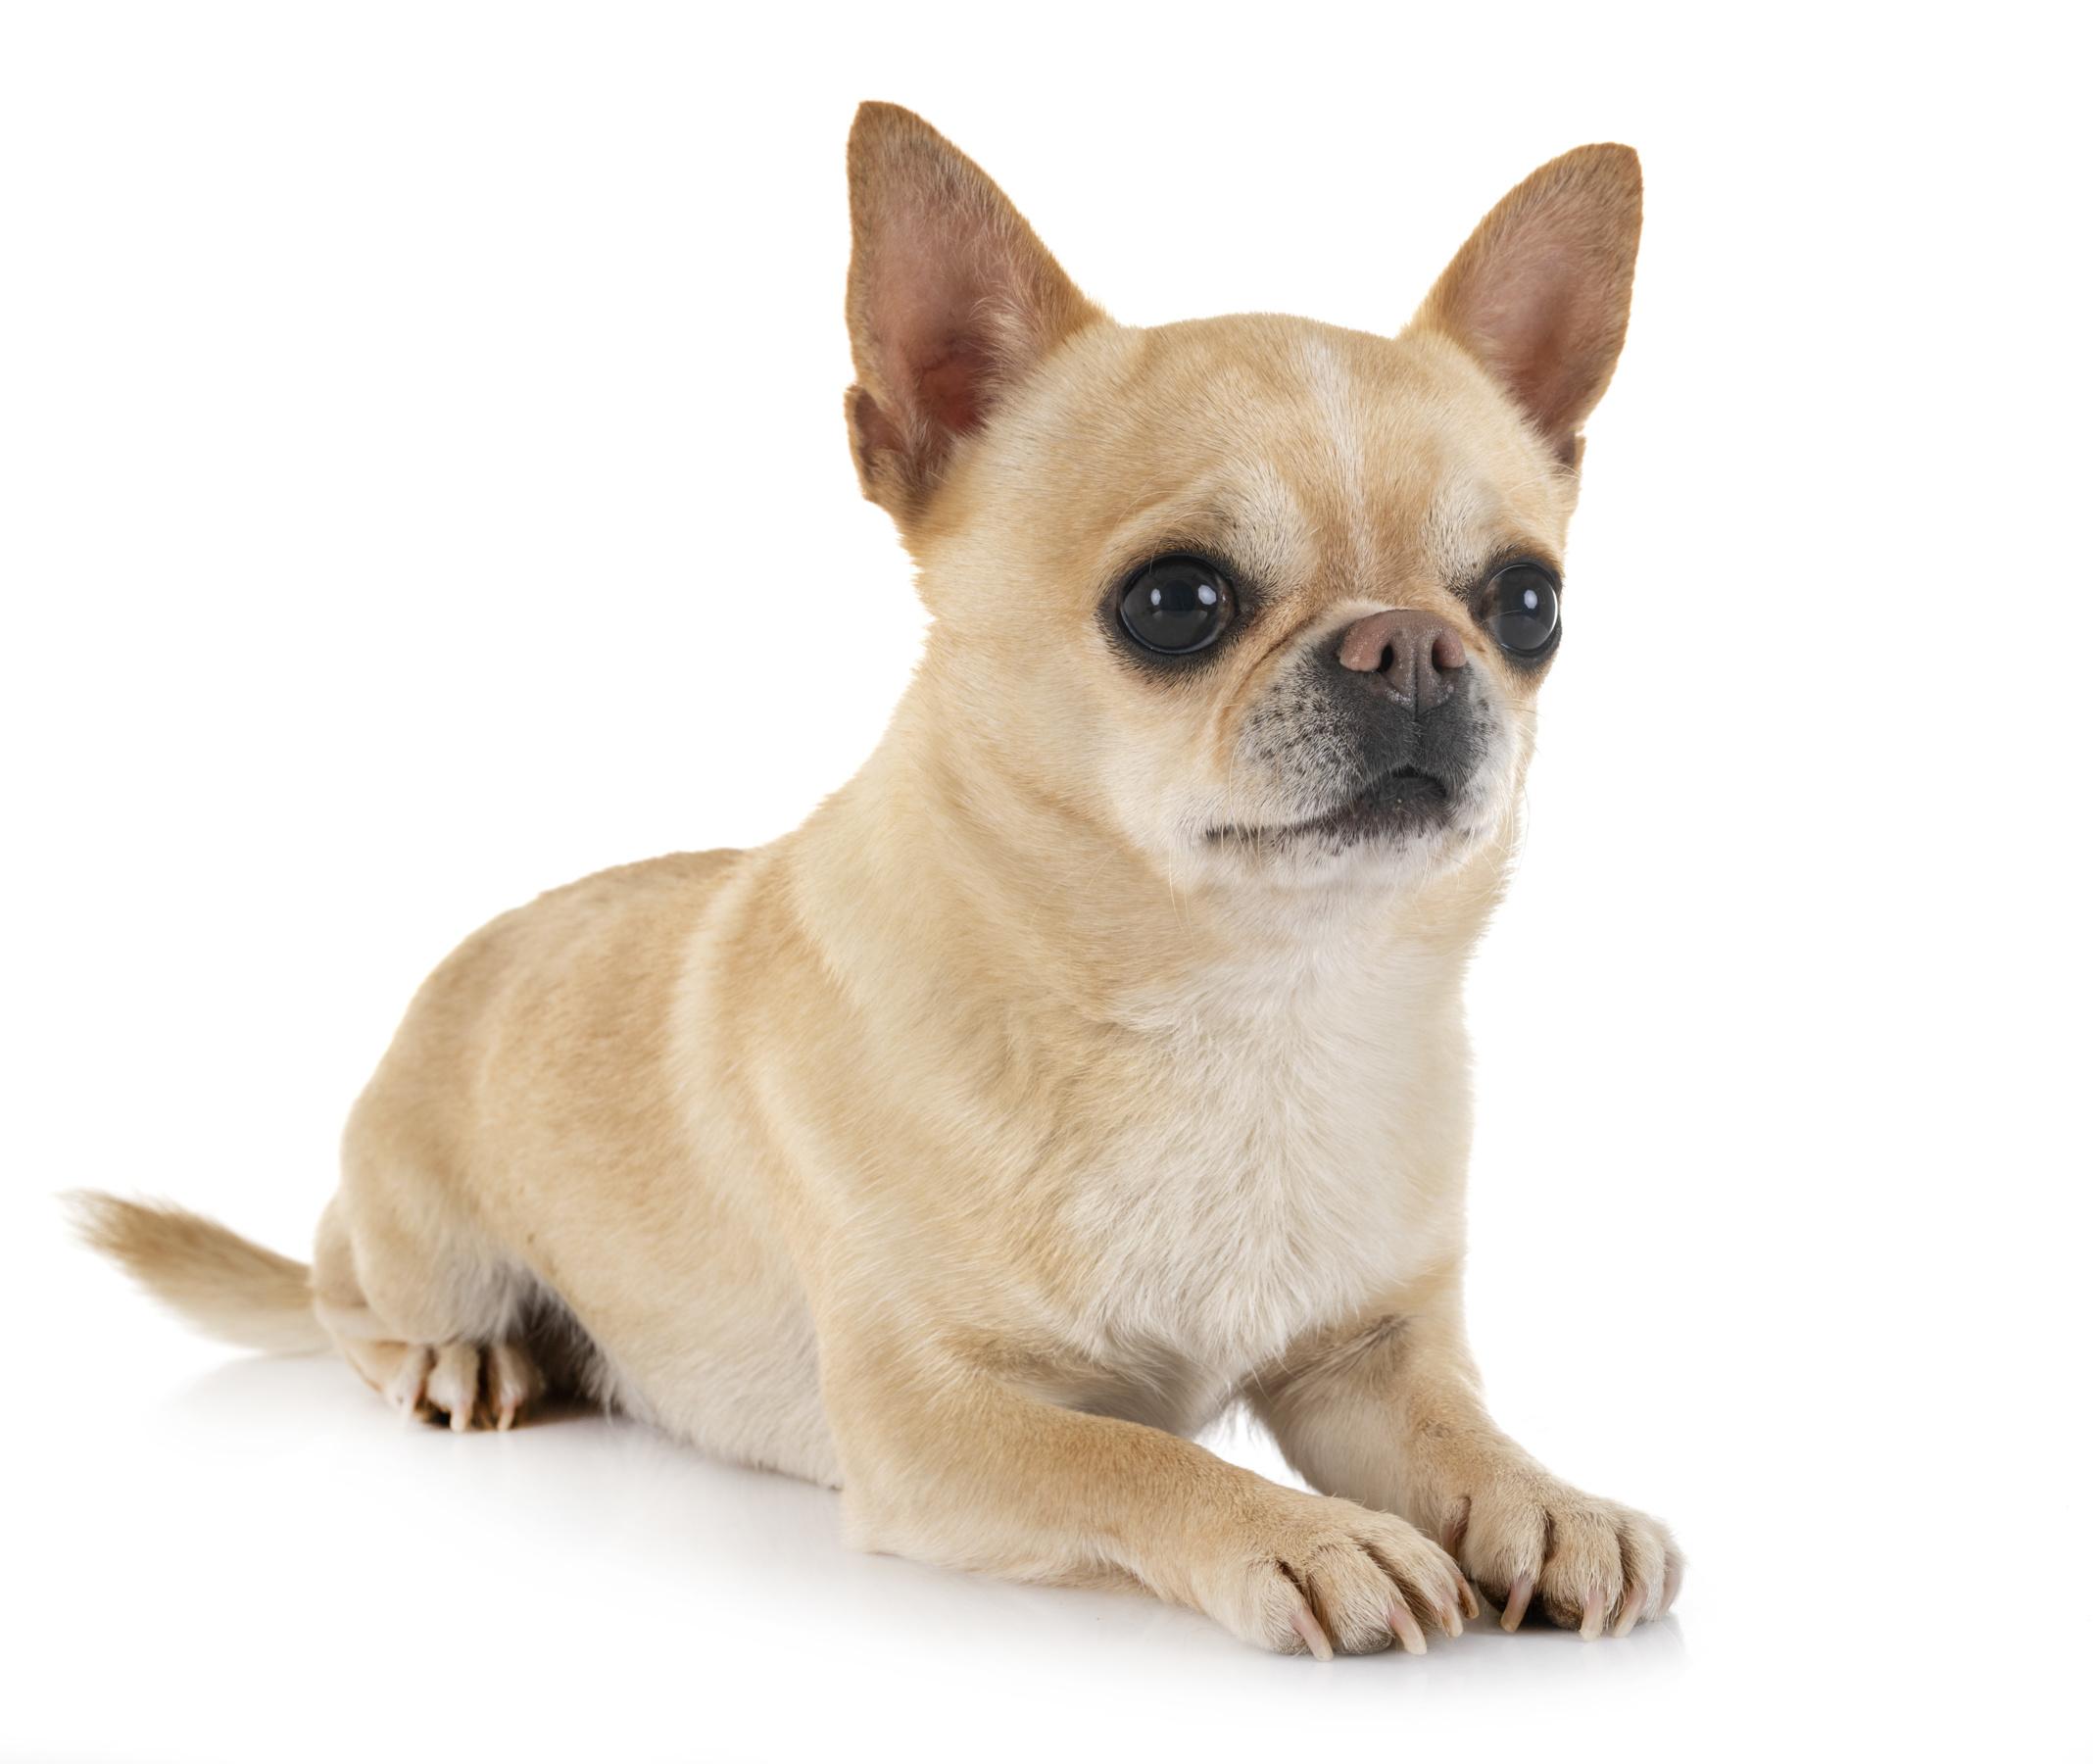 La Grande Equinoxe Elevage De Bichon Frise Chihuahuas Poil Long Et Poil Court Pension Canine Et Feline